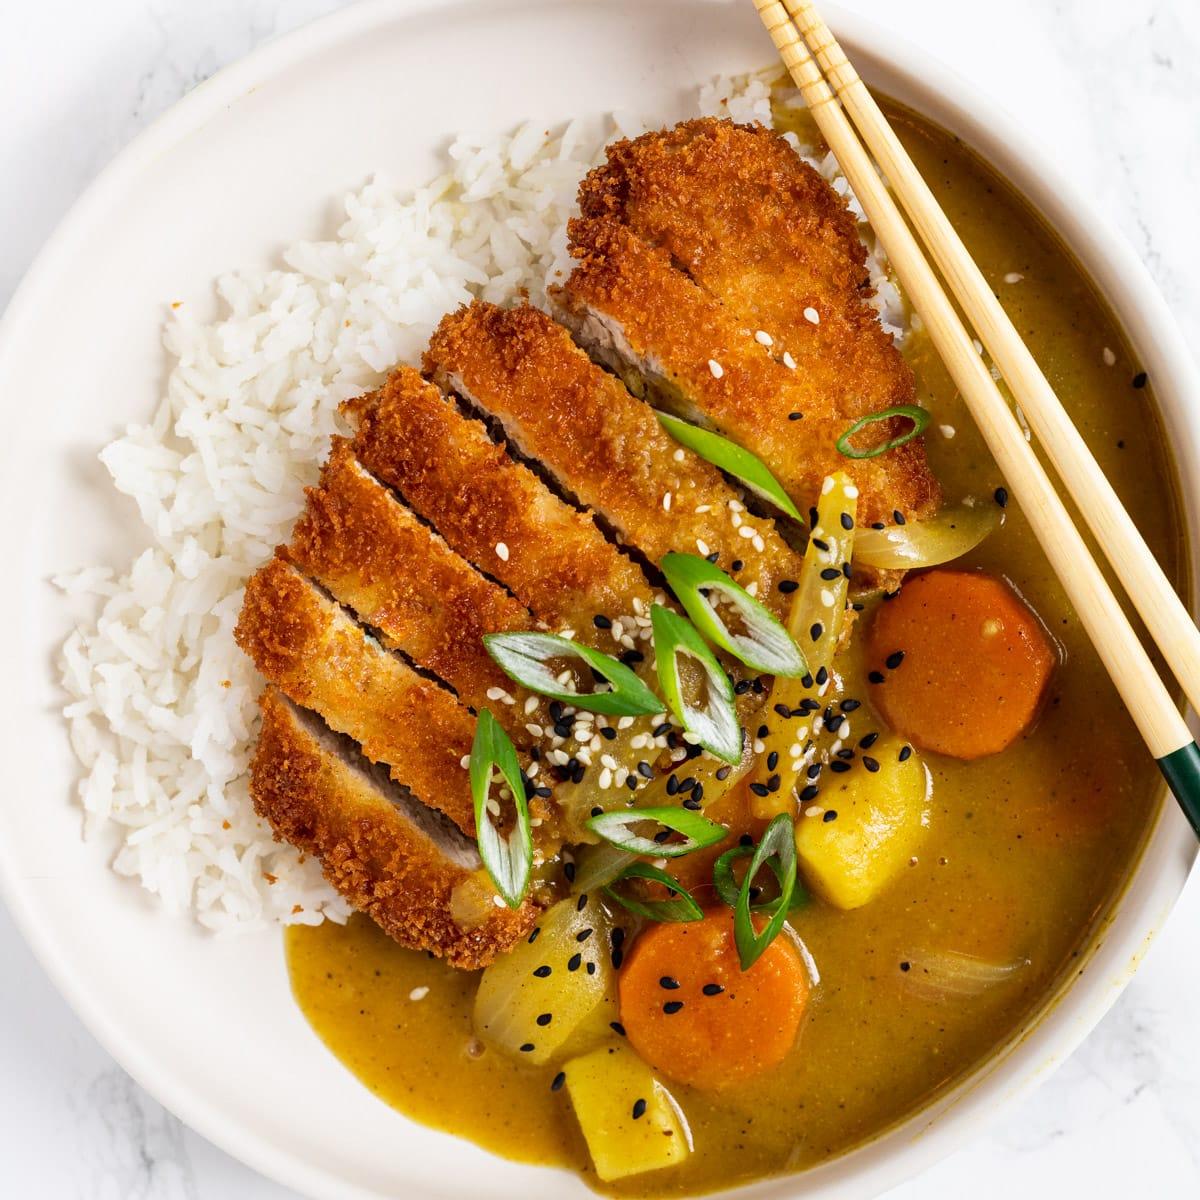 https://loveandgoodstuff.com/wp-content/uploads/2020/11/pork-katsu-curry-1200x1200-1.jpg